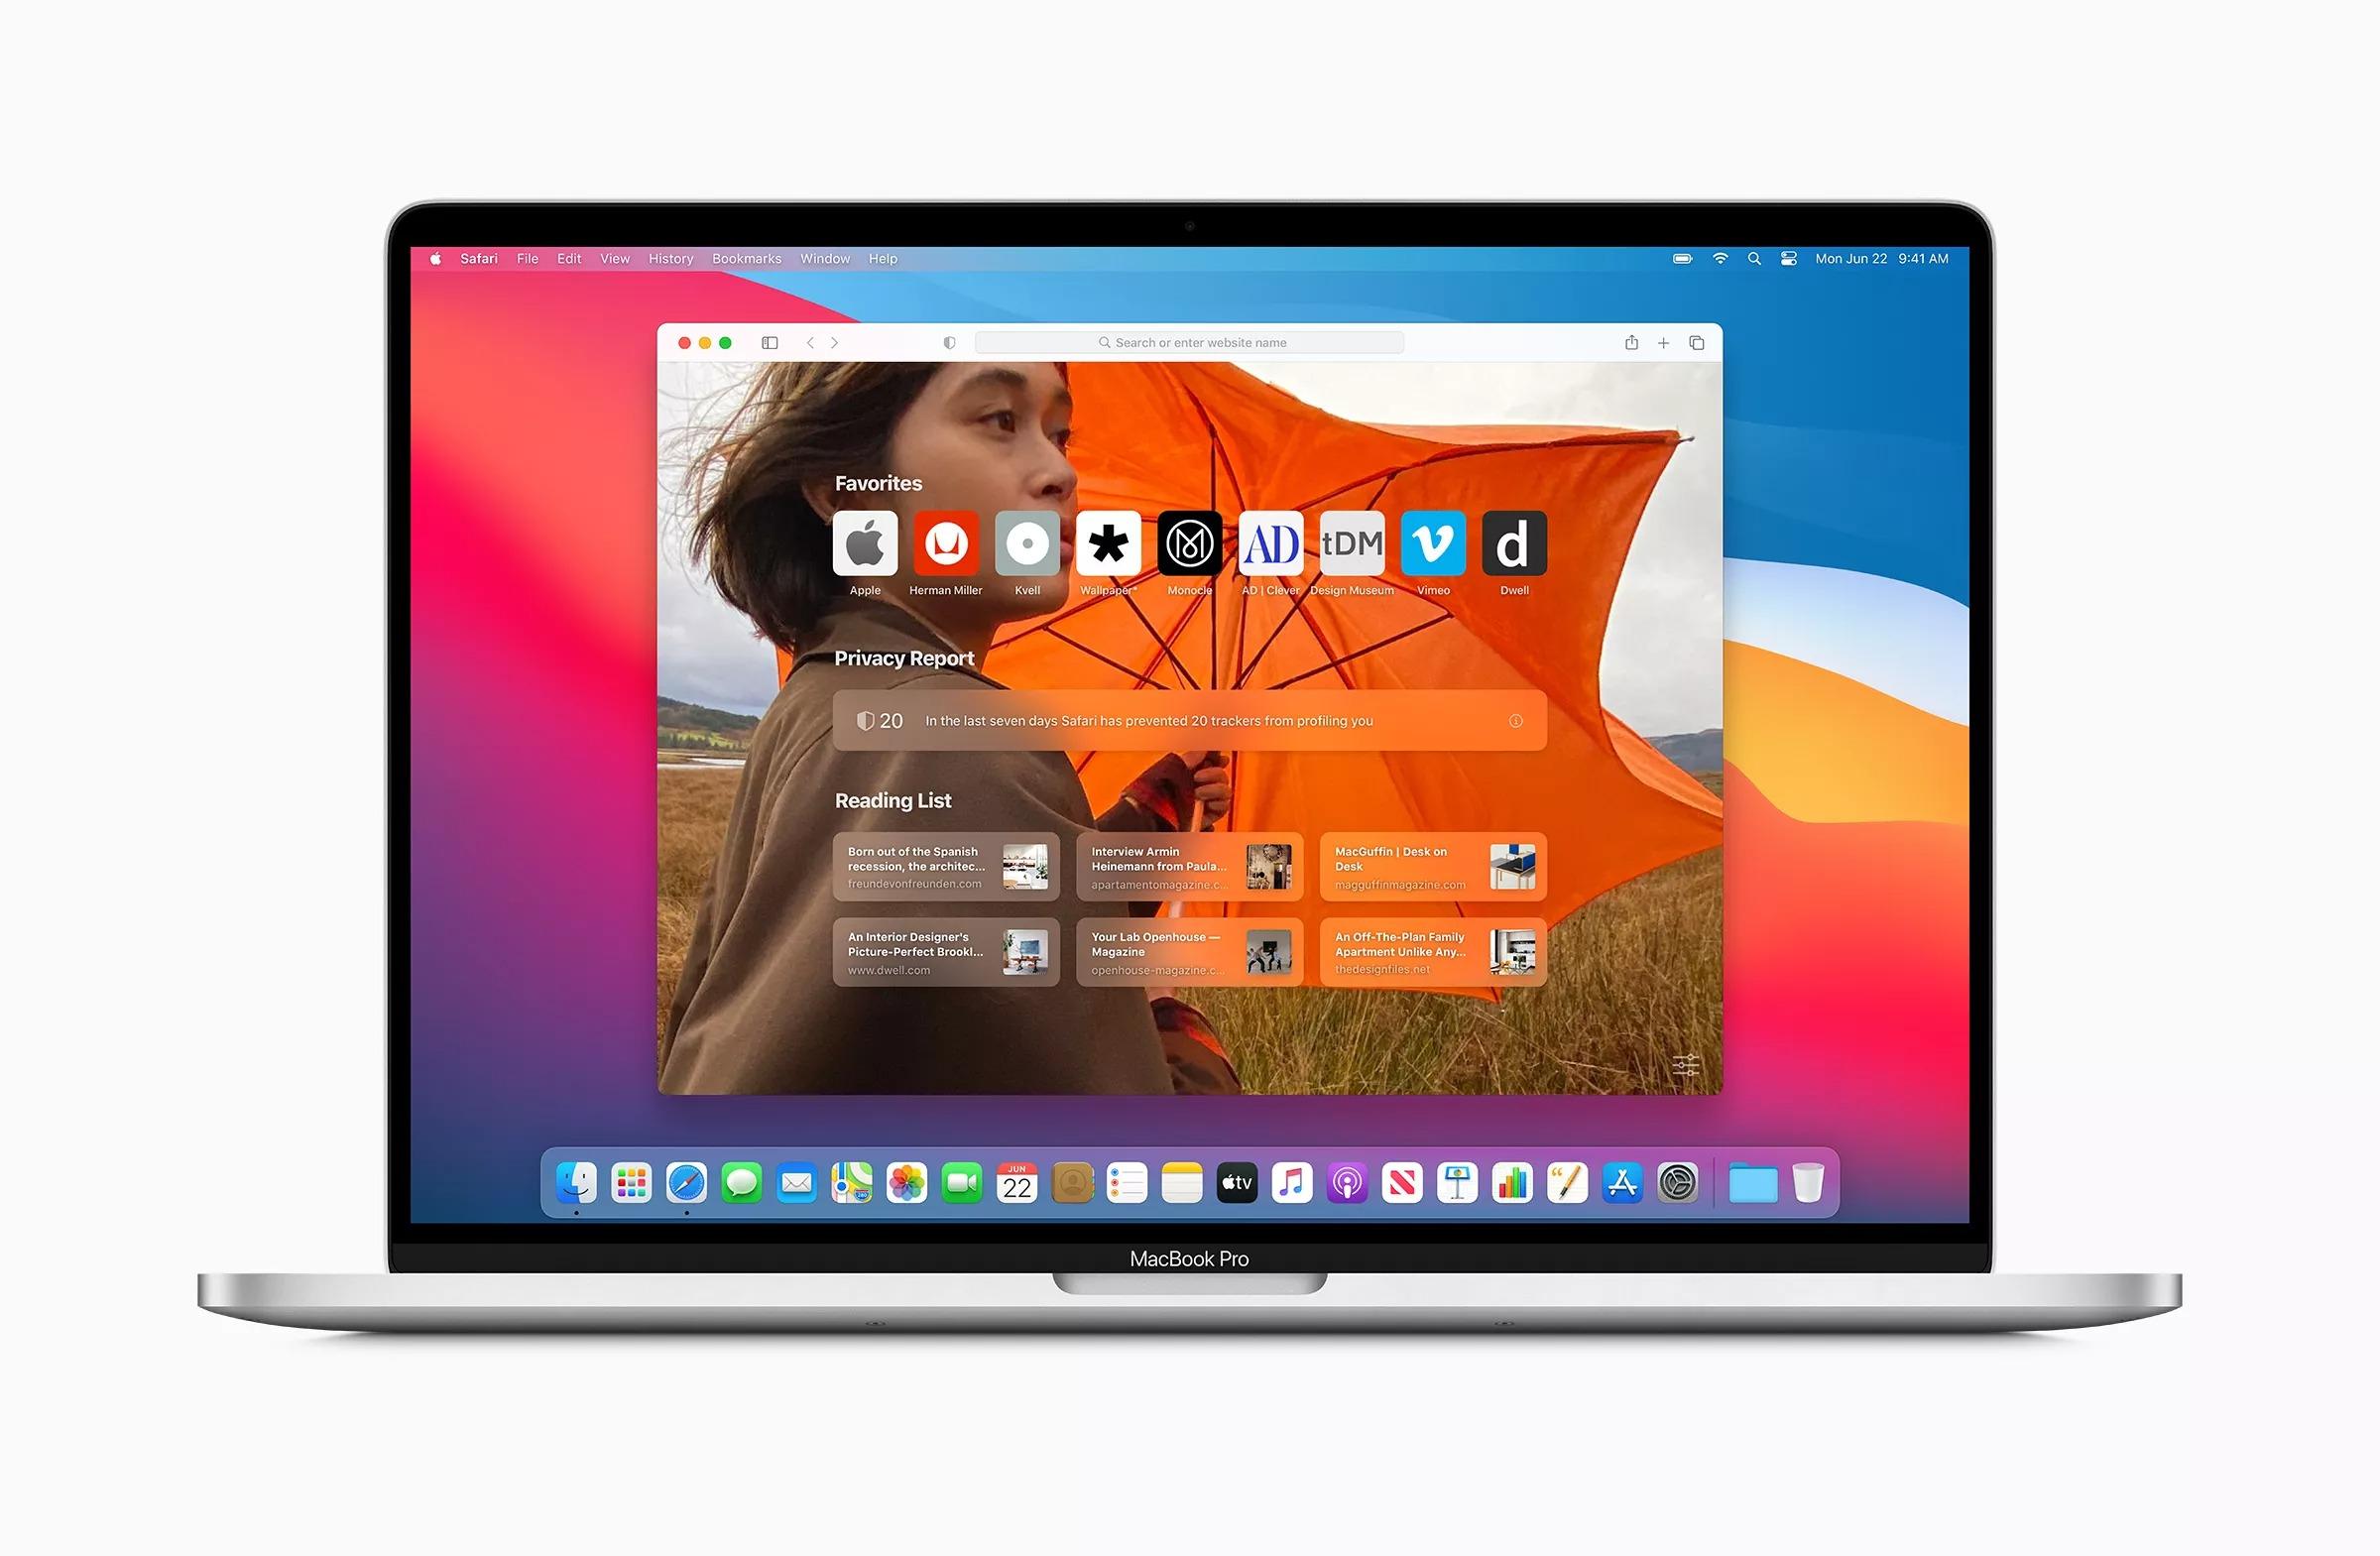 MacOS là gì, những phiên bản nào phổ biến nhất hiện nay? 8